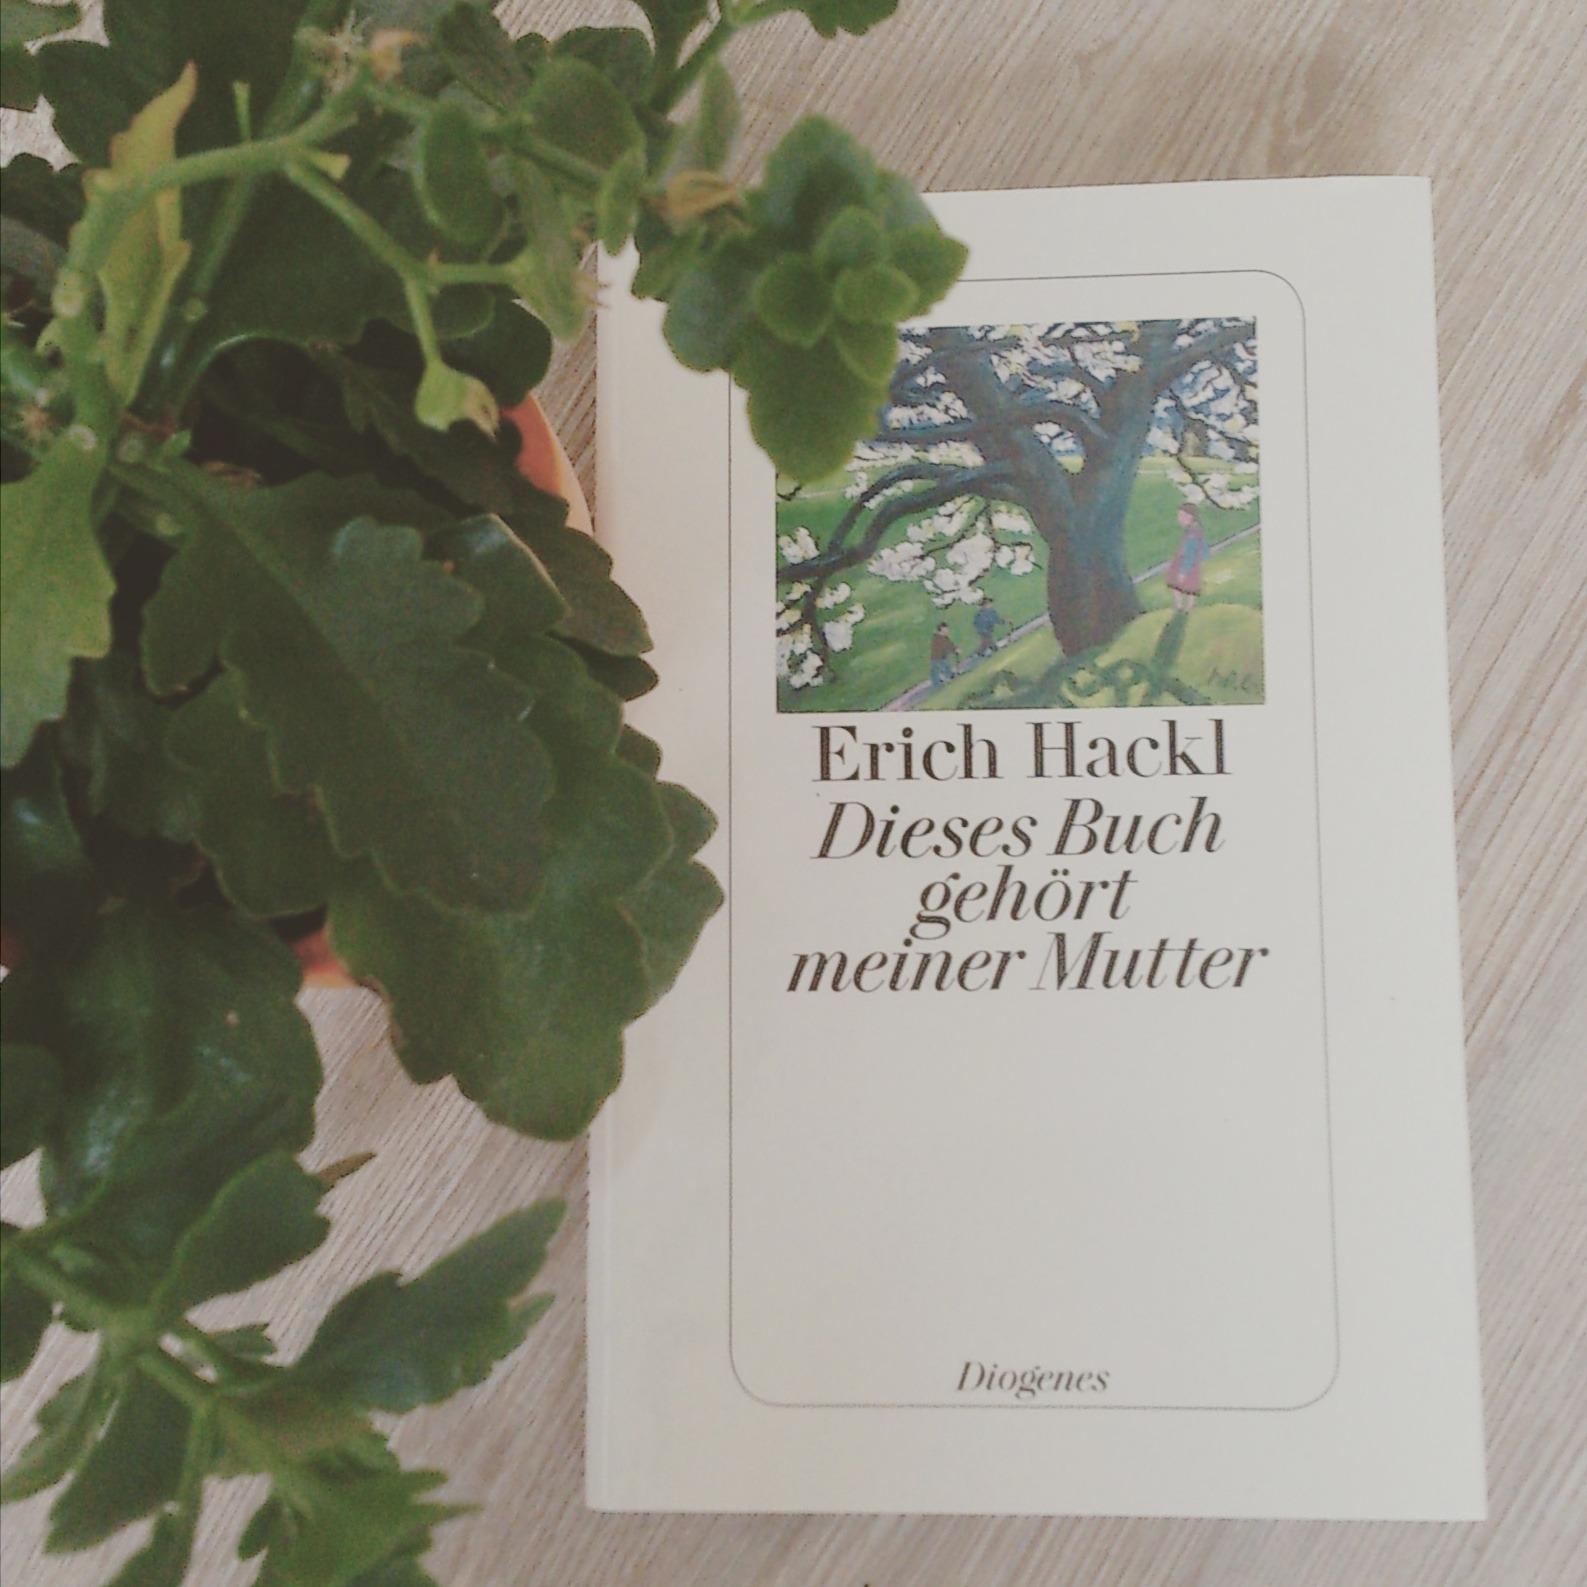 Dieses Buch gehört meiner Mutter – Erich Hackl